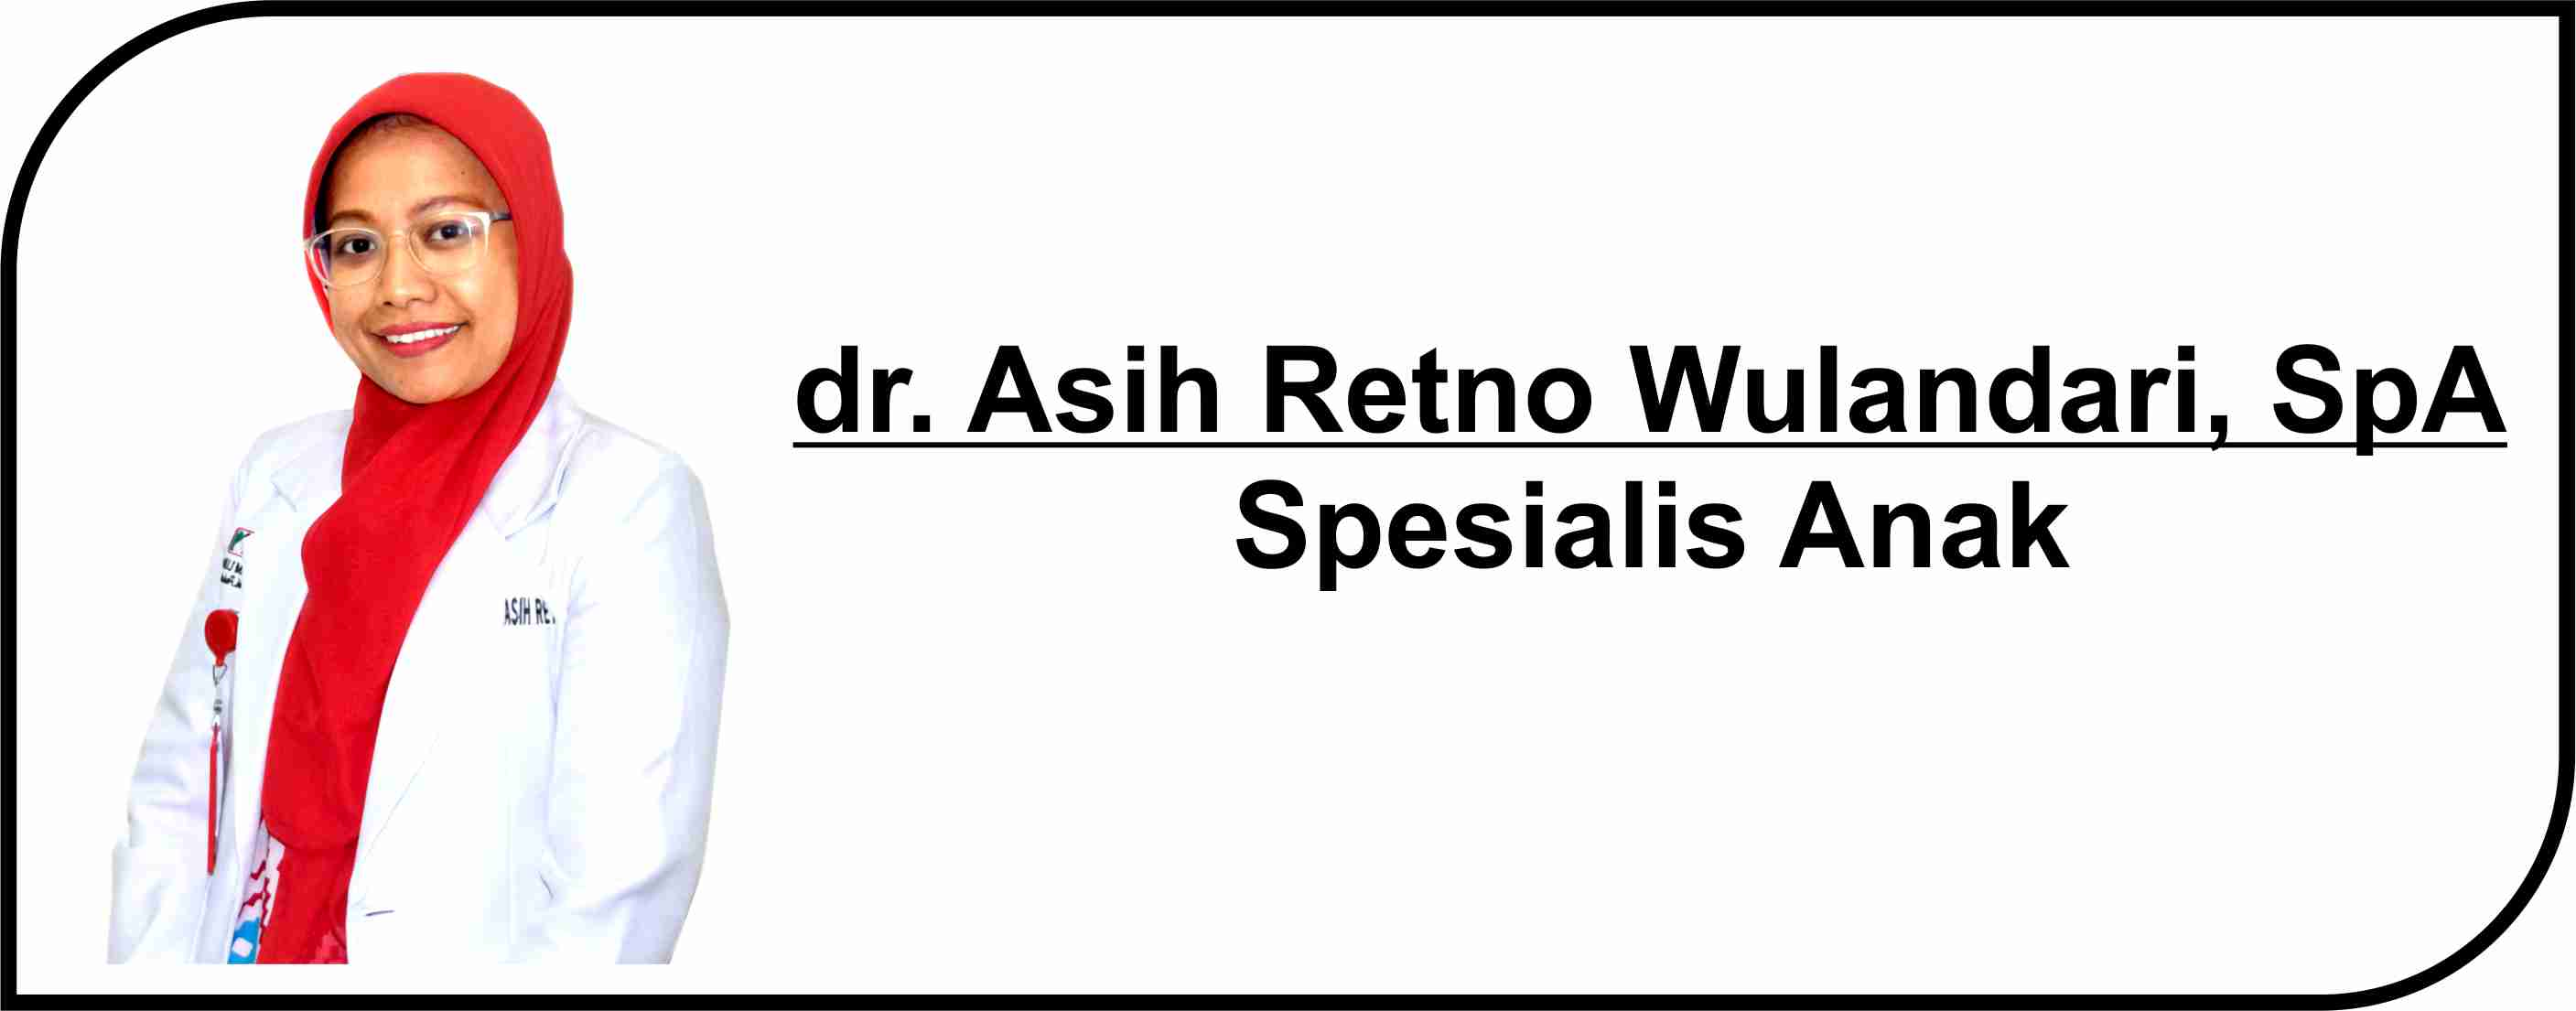 <p>Dokter Spesialis Anak</p>  <p>Melayani :</p>  <p>1. Pasien Rawat Inap</p>  <p>2. Pasien Rawat Jalan</p>  <p><strong>Jadwal Praktik Poli</strong> :</p>  <p>Senin - Jum'at : 06.30 - 07.30 WIB</p>